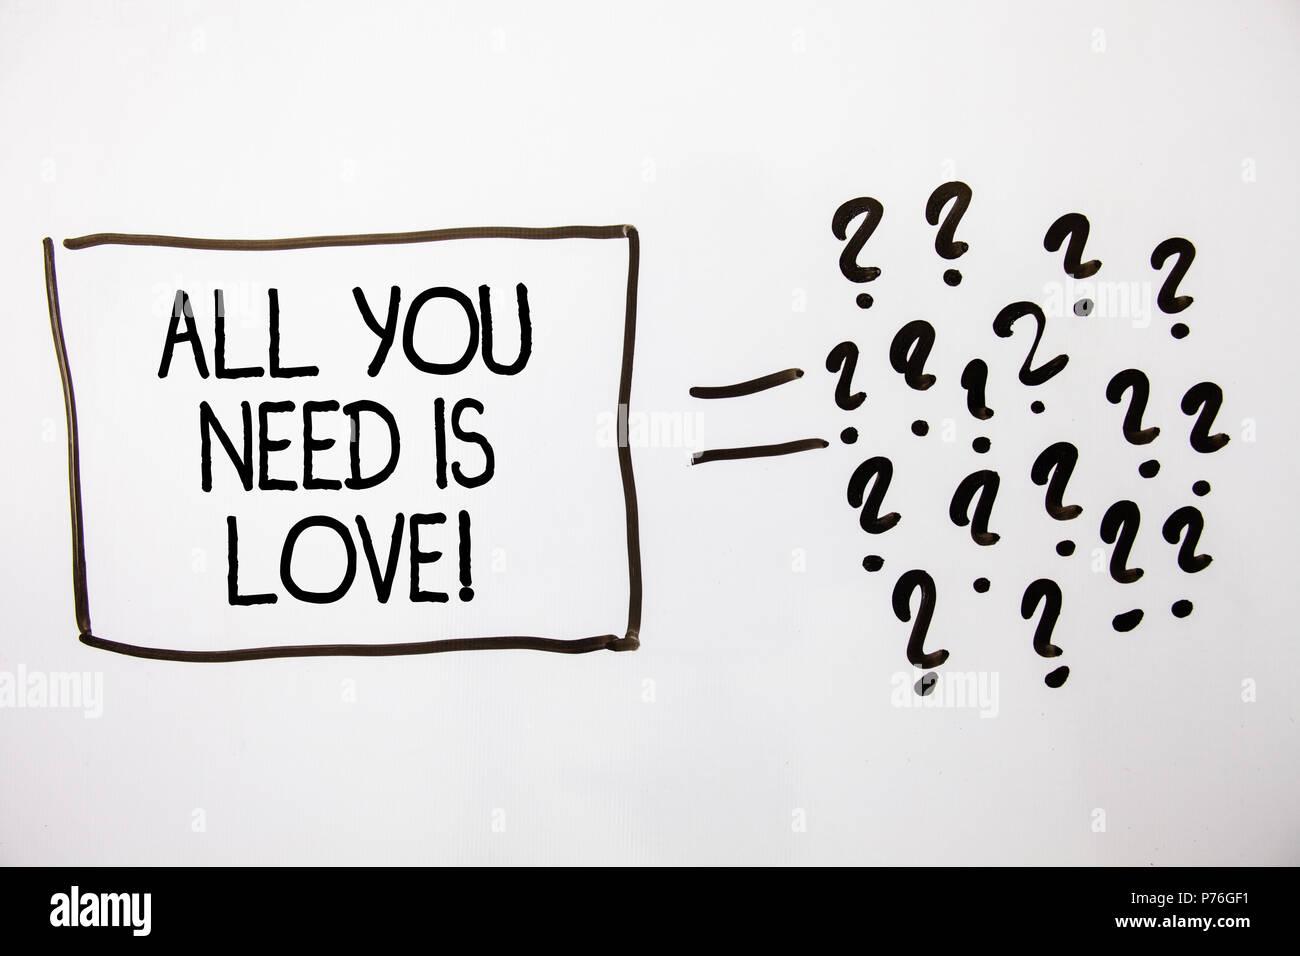 Signo De Texto Mostrando Todo Lo Que Necesitas Es Amor